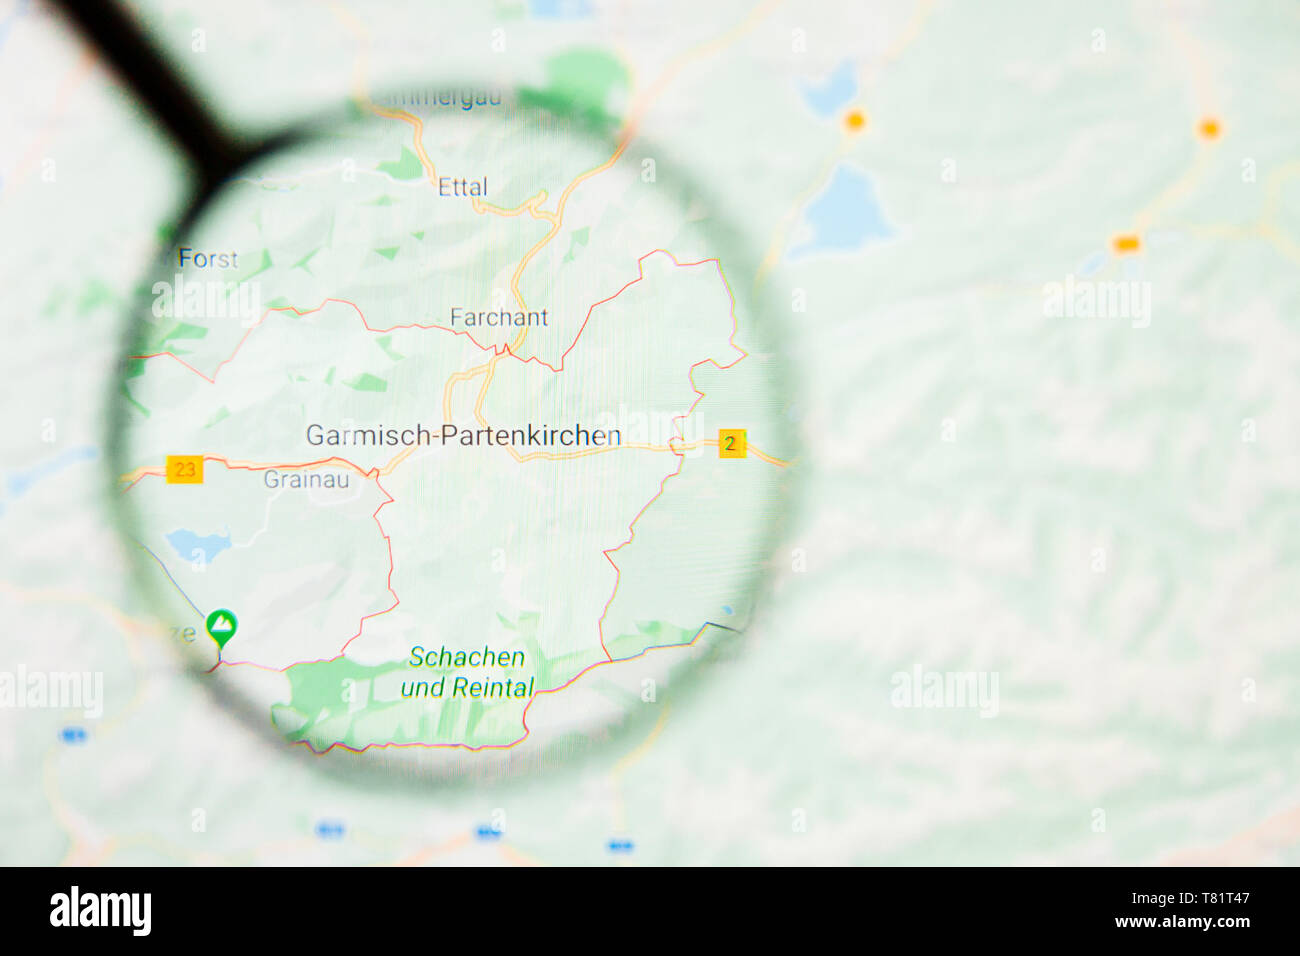 Map Of Germany Garmisch.Garmisch Partenkirchen City In Germany Bavaria Visualization